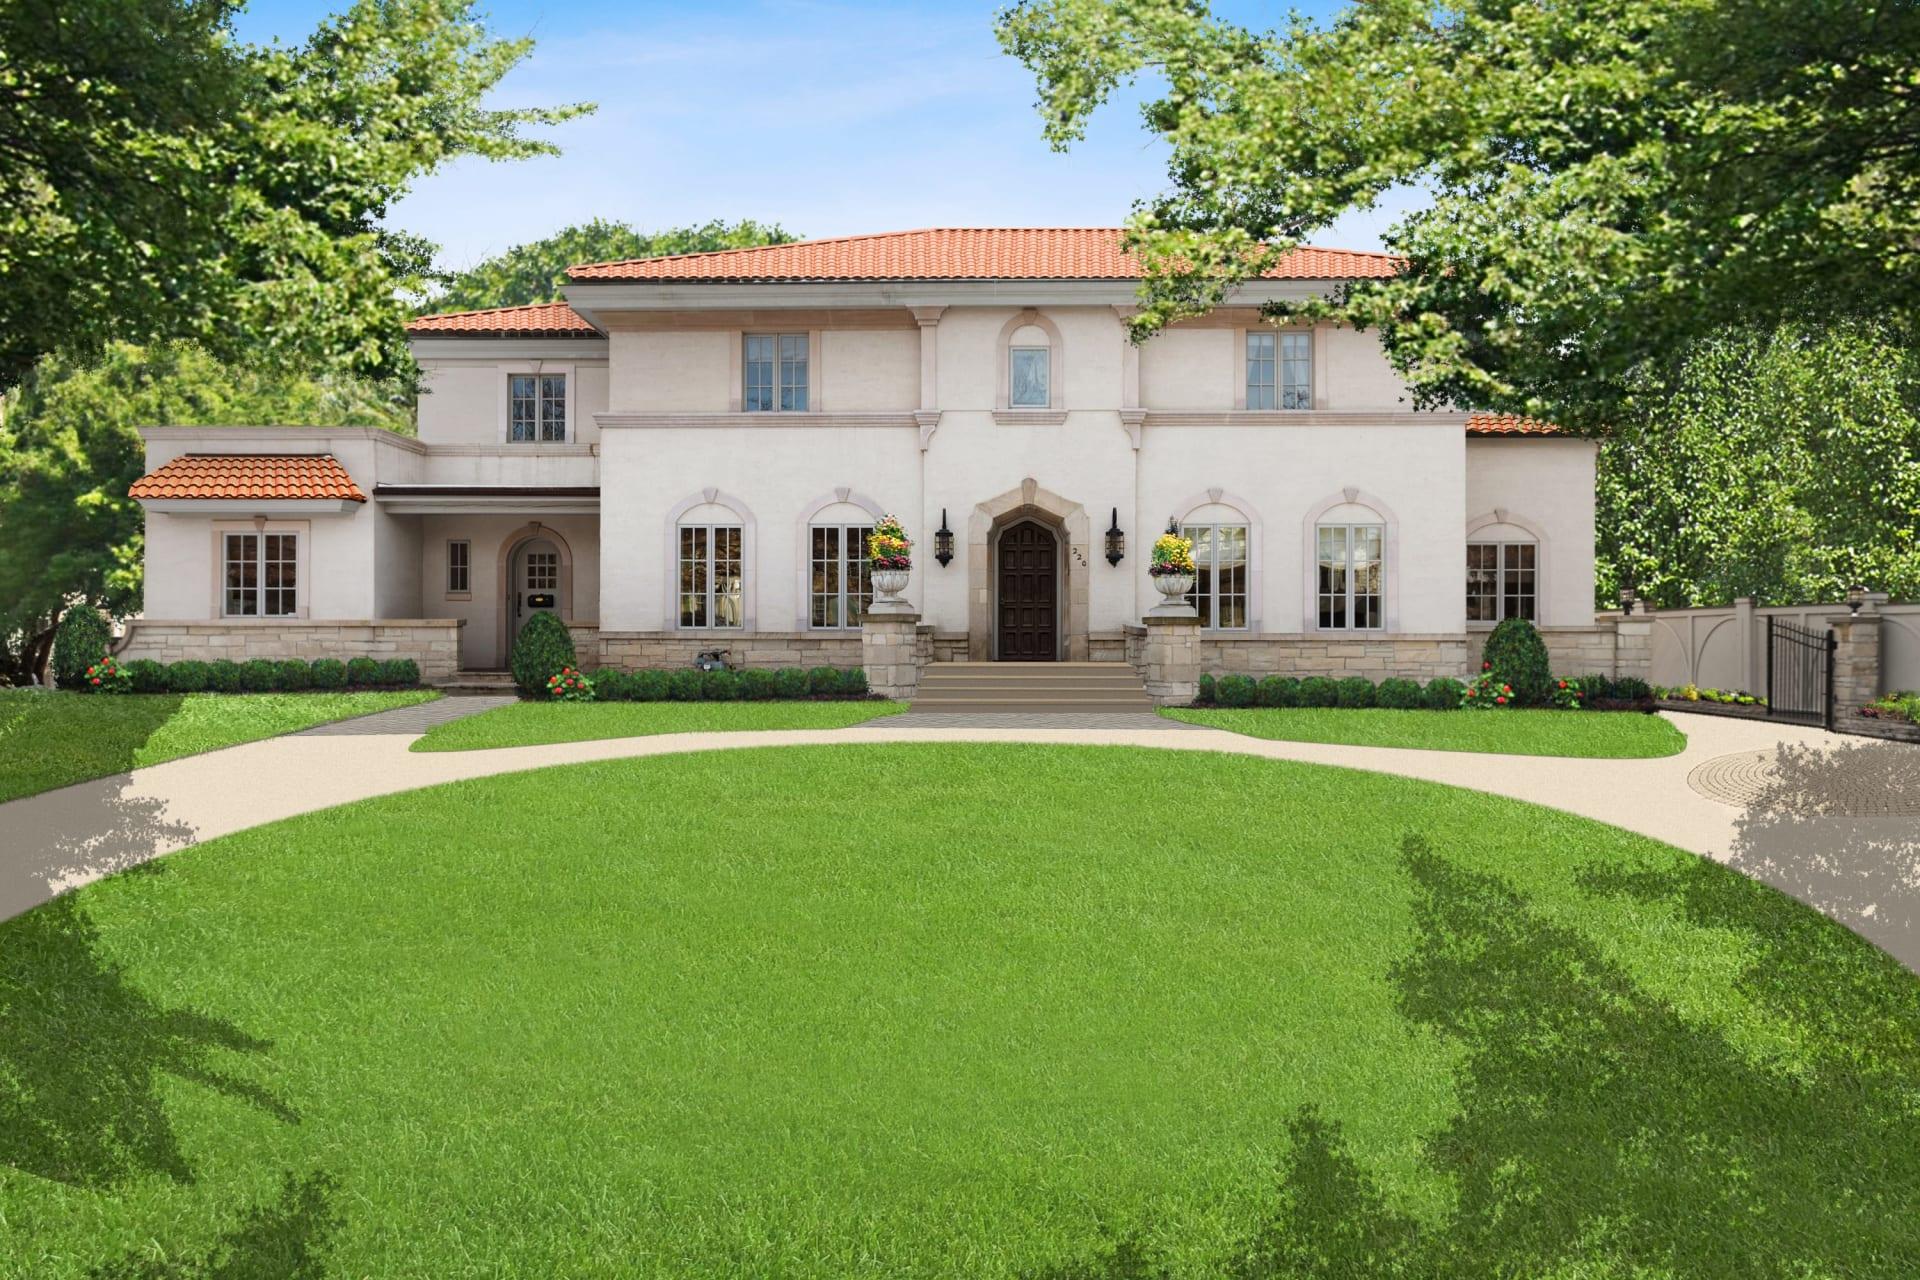 Reminiscent of an Italian villa